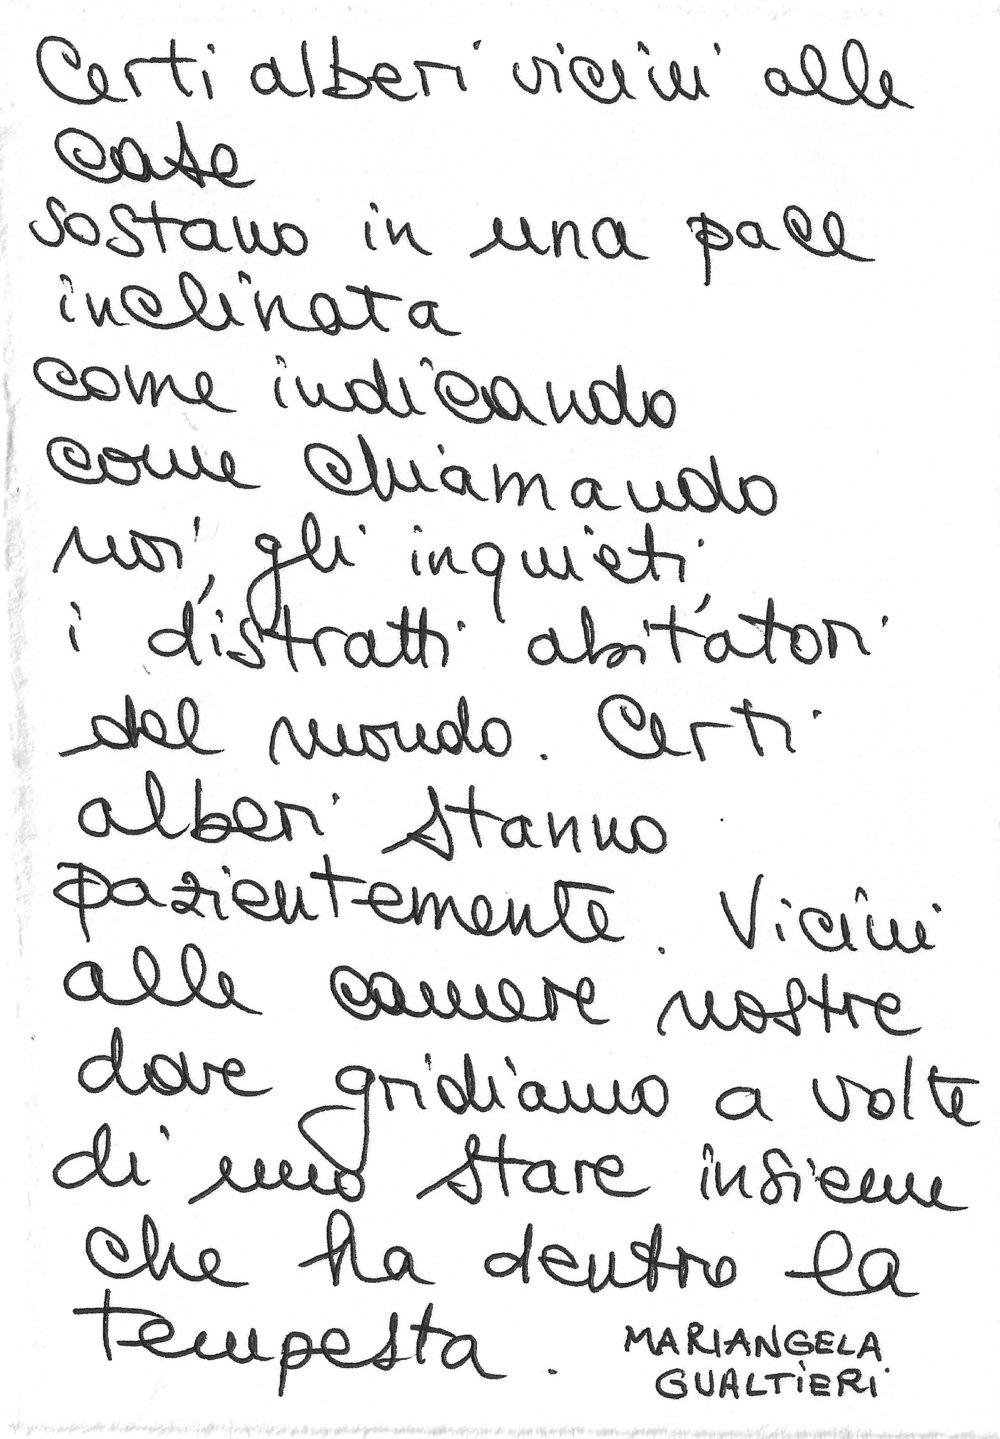 Mariangela-Gualtieri.jpeg